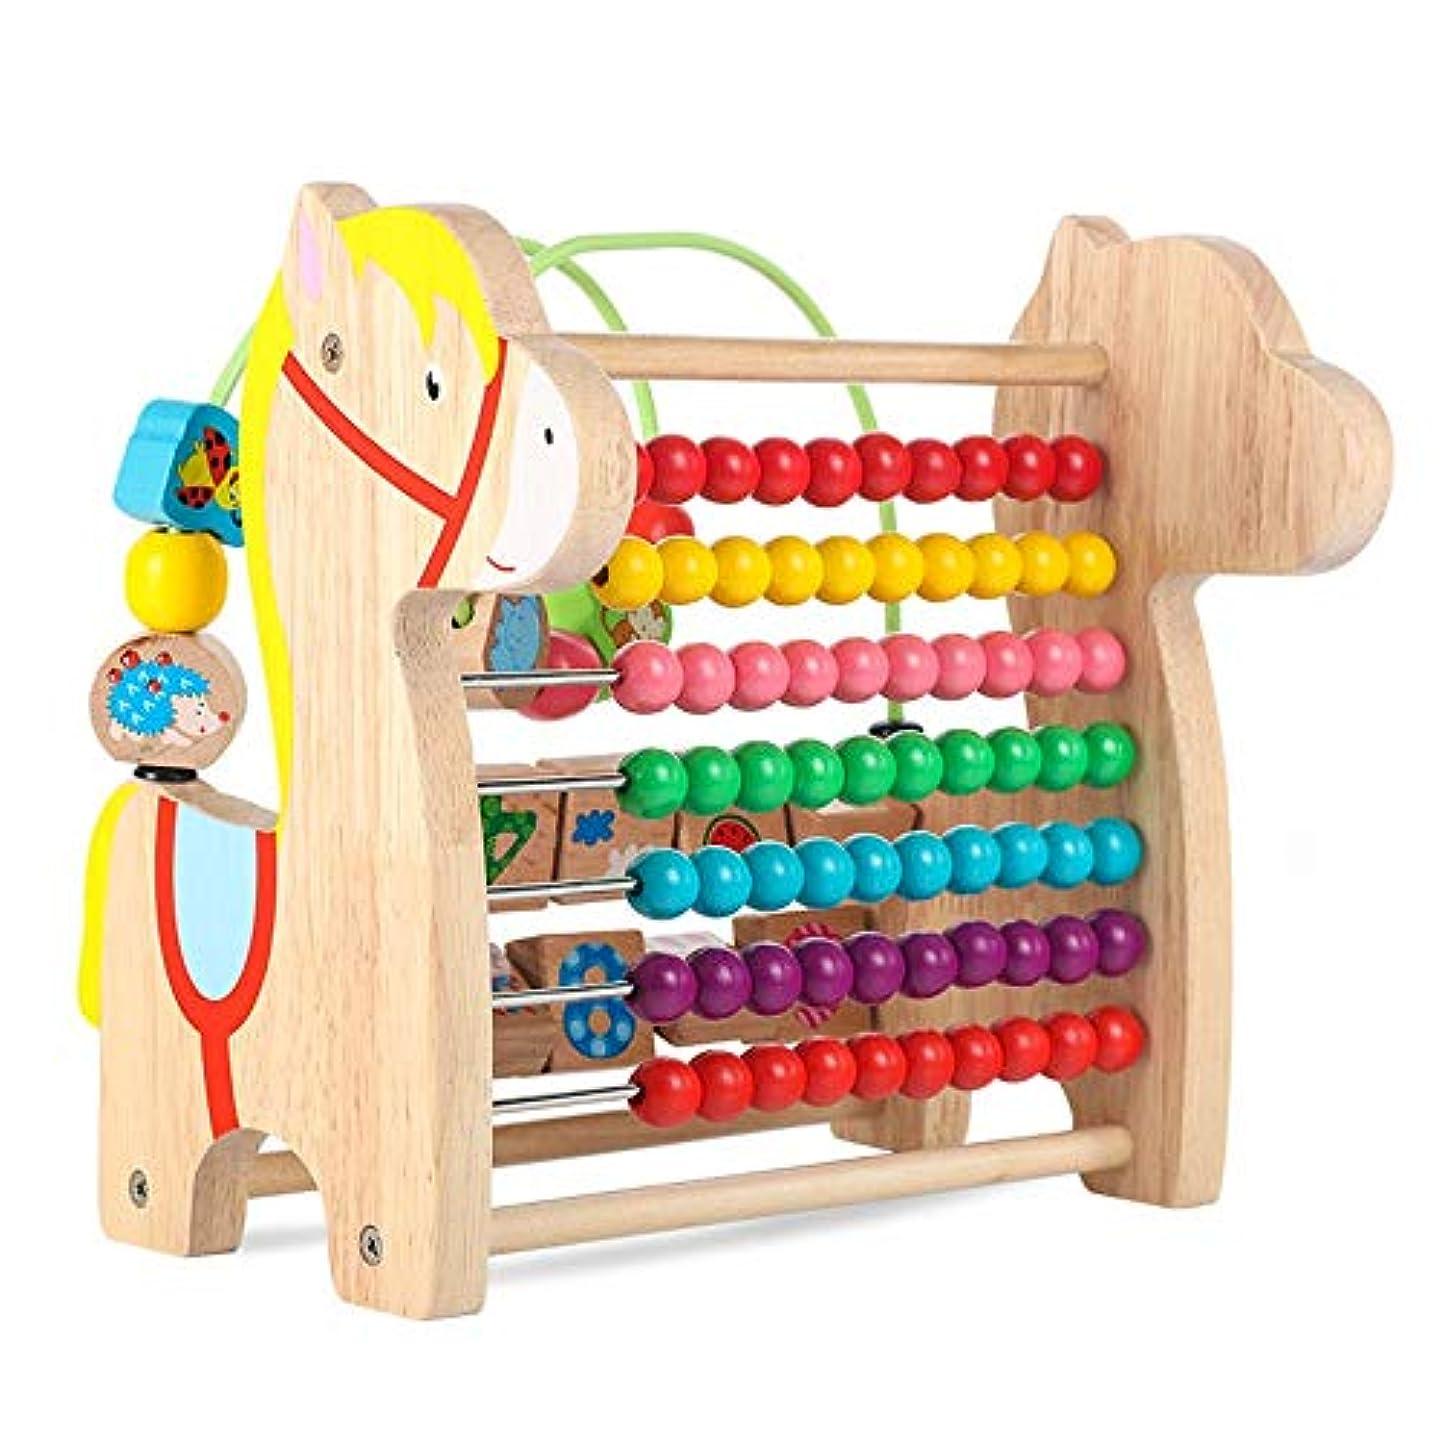 ウサギ羊ポスト印象派子供 知育玩具 木製活動キューブのおもちゃ、子供のための発見家畜活動センターアーリーラーニングと開発のための3年 早期開発 男の子 女の子 誕生日のプレゼント (Color : Horse, Size : Free size)